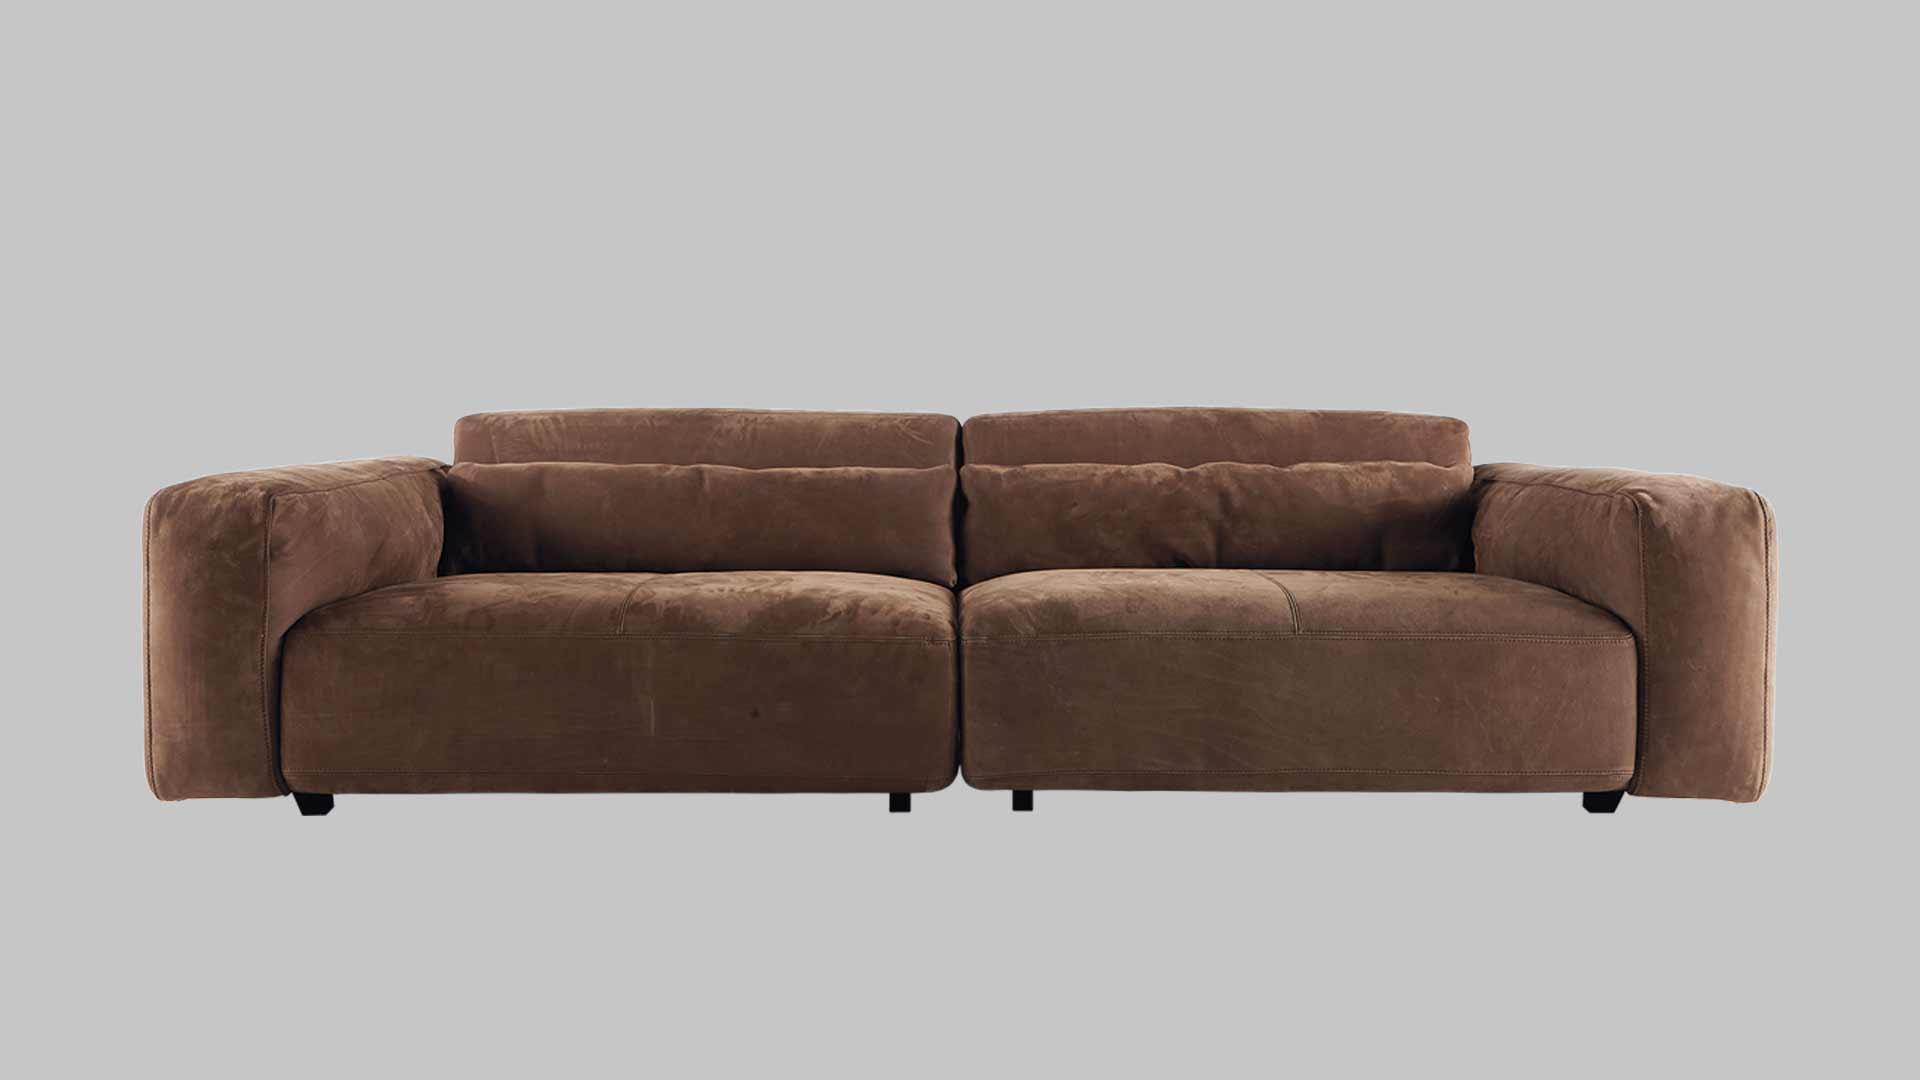 contur 7500 von contur einrichtungen in straubenhardt nahe pforzheim die wohnidee. Black Bedroom Furniture Sets. Home Design Ideas